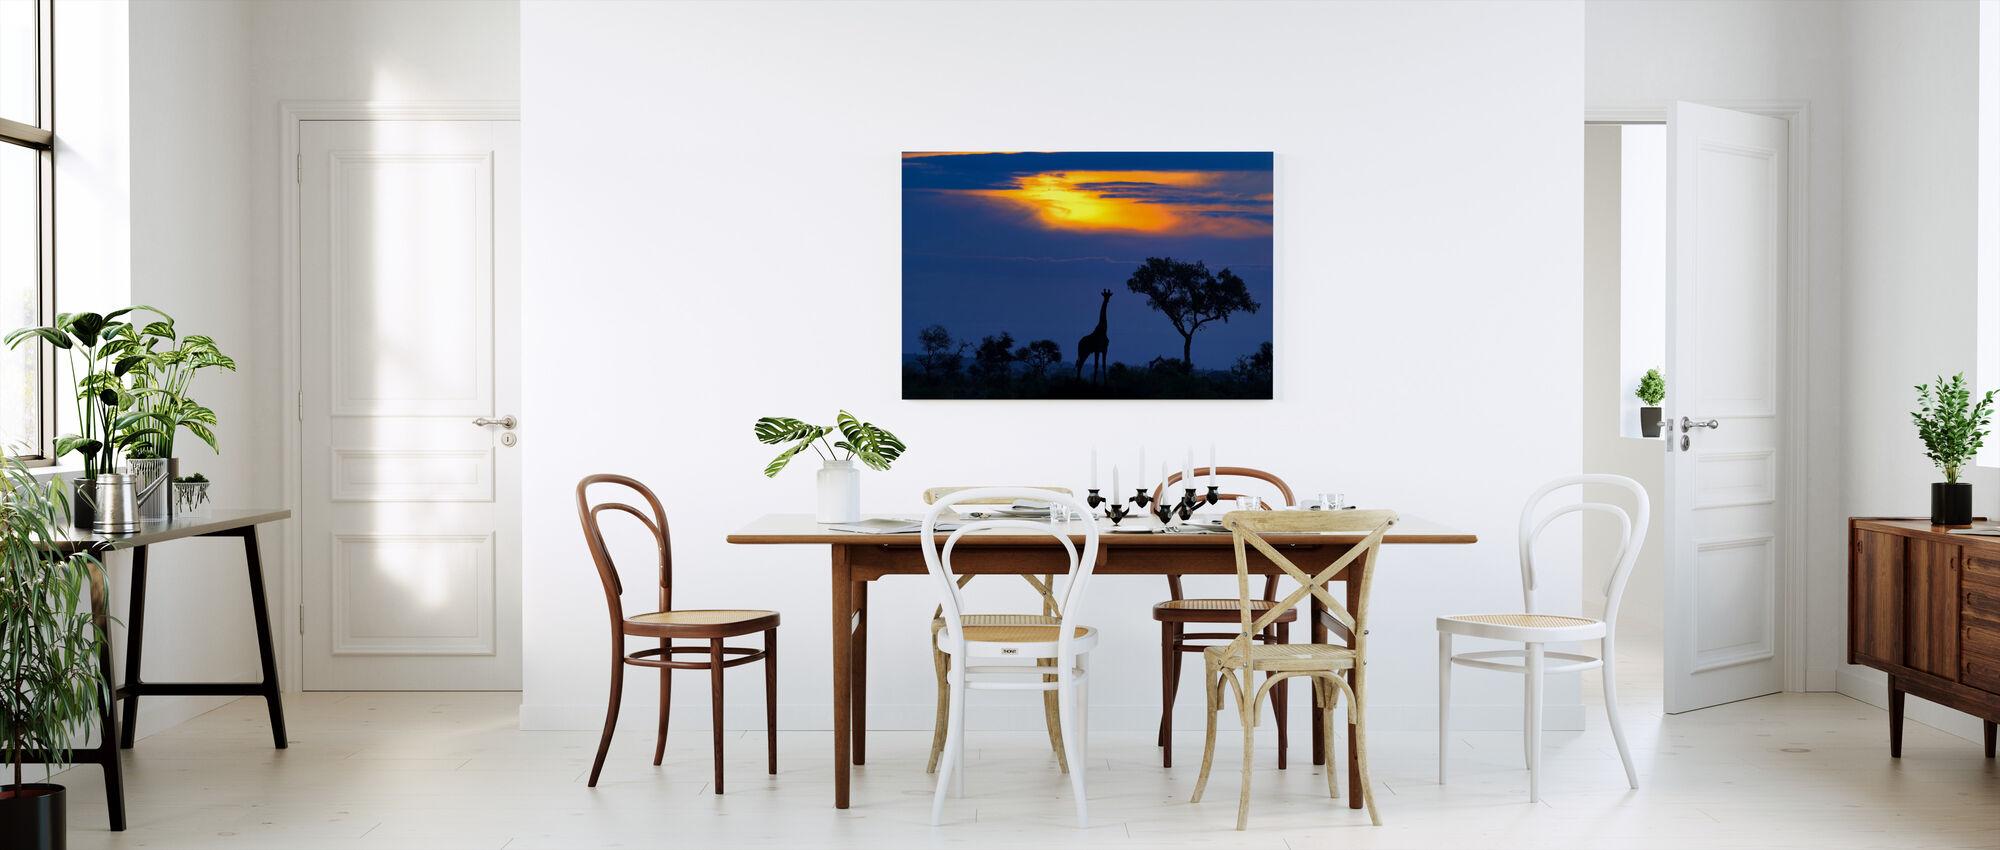 Kirahvi Sunset - Canvastaulu - Keittiö